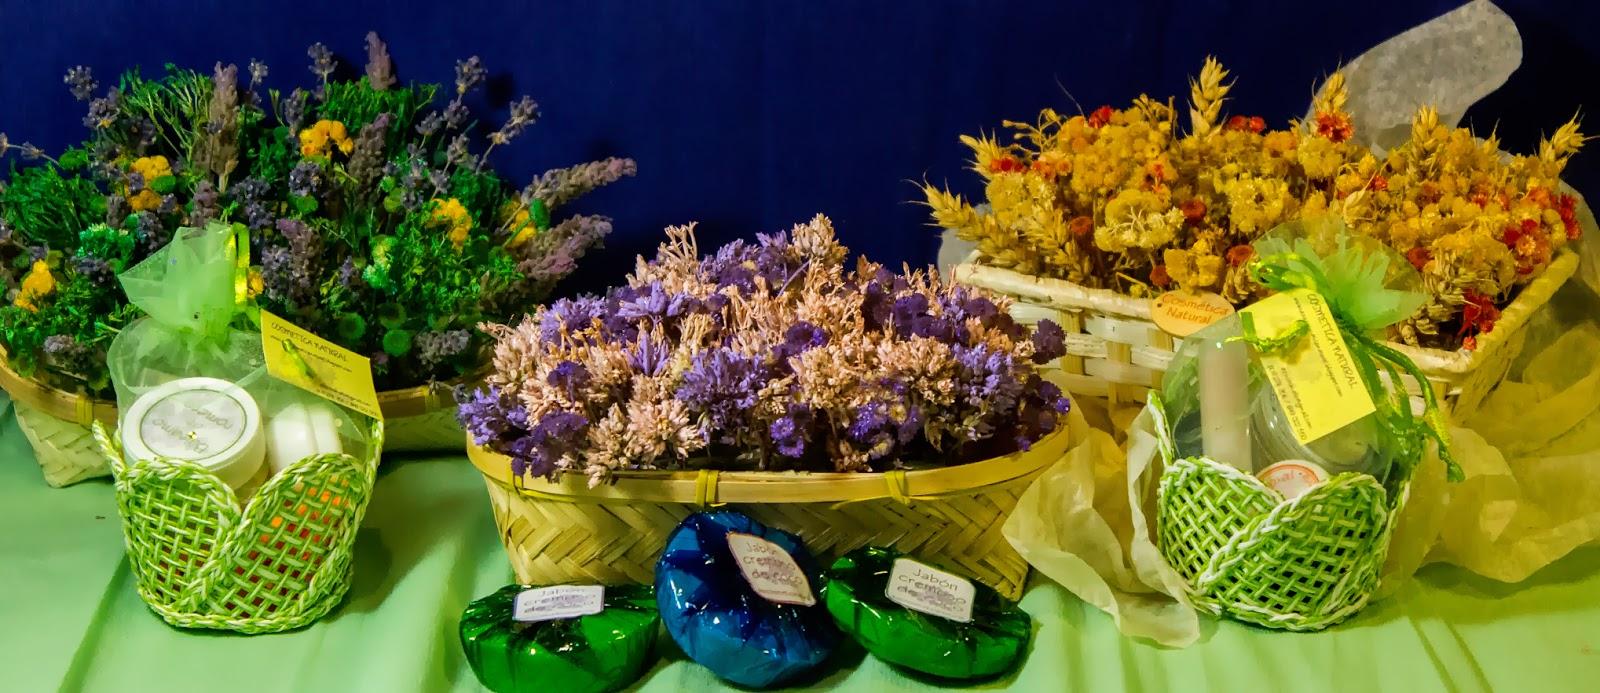 Flores Secas Lavanda Para Decorar Regalos